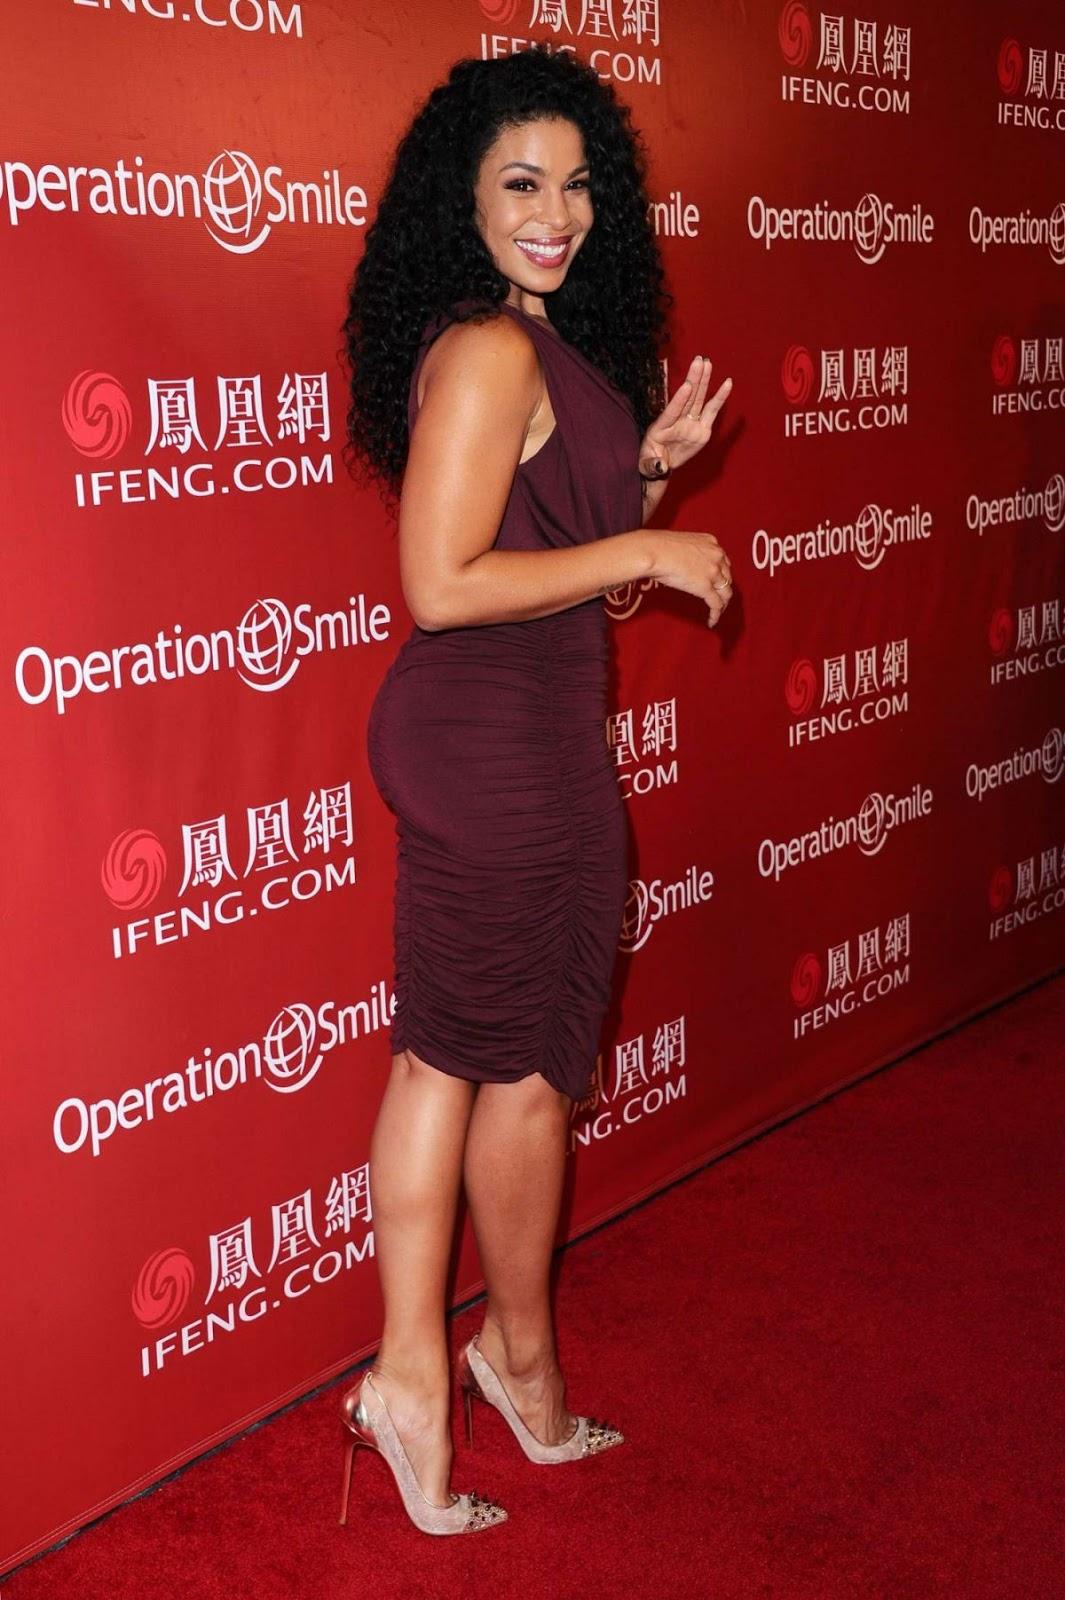 Jordin Sparks at Operation Smile Gala